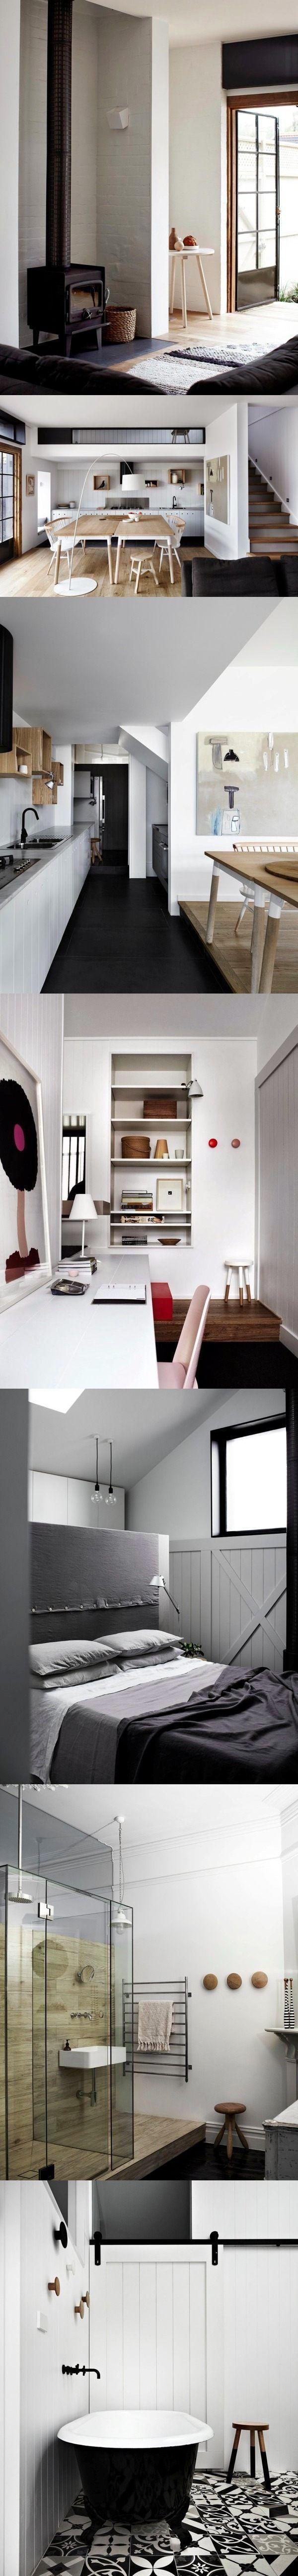 Relajante casa escandinava / http://studioarrc.com